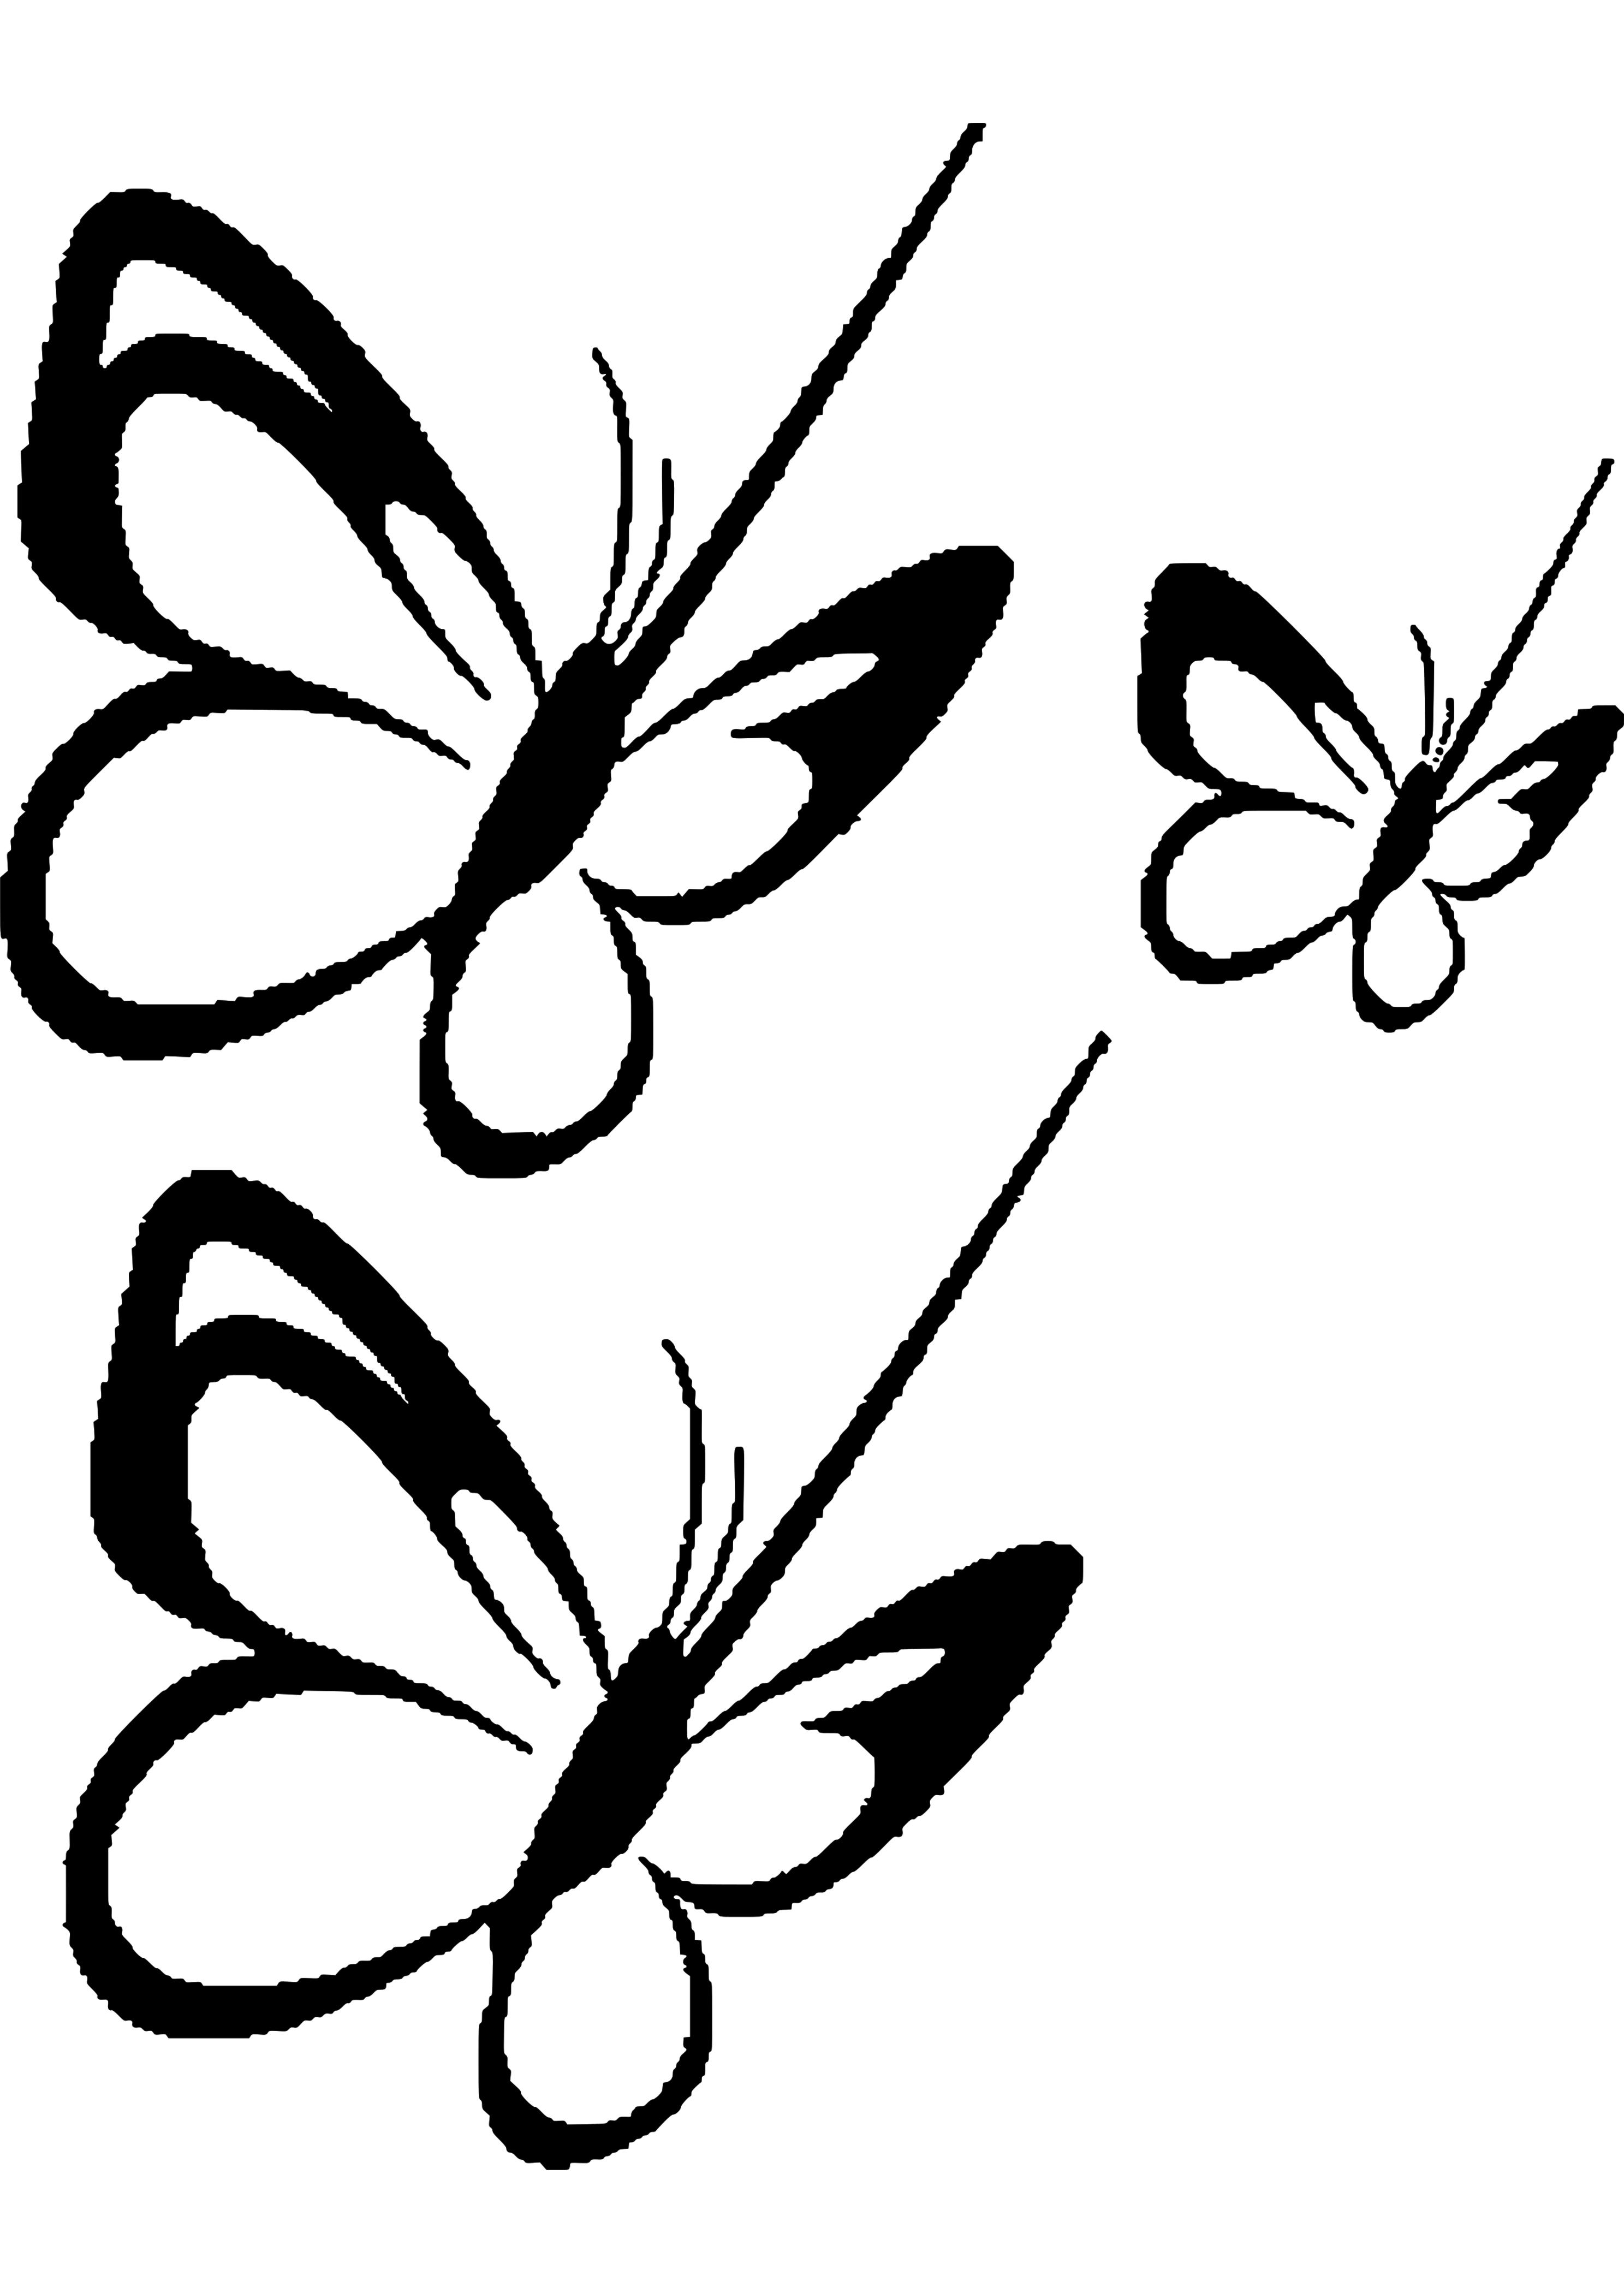 Risultati Immagini Per Farfalle Disegni Immagini Disegni Farfalle